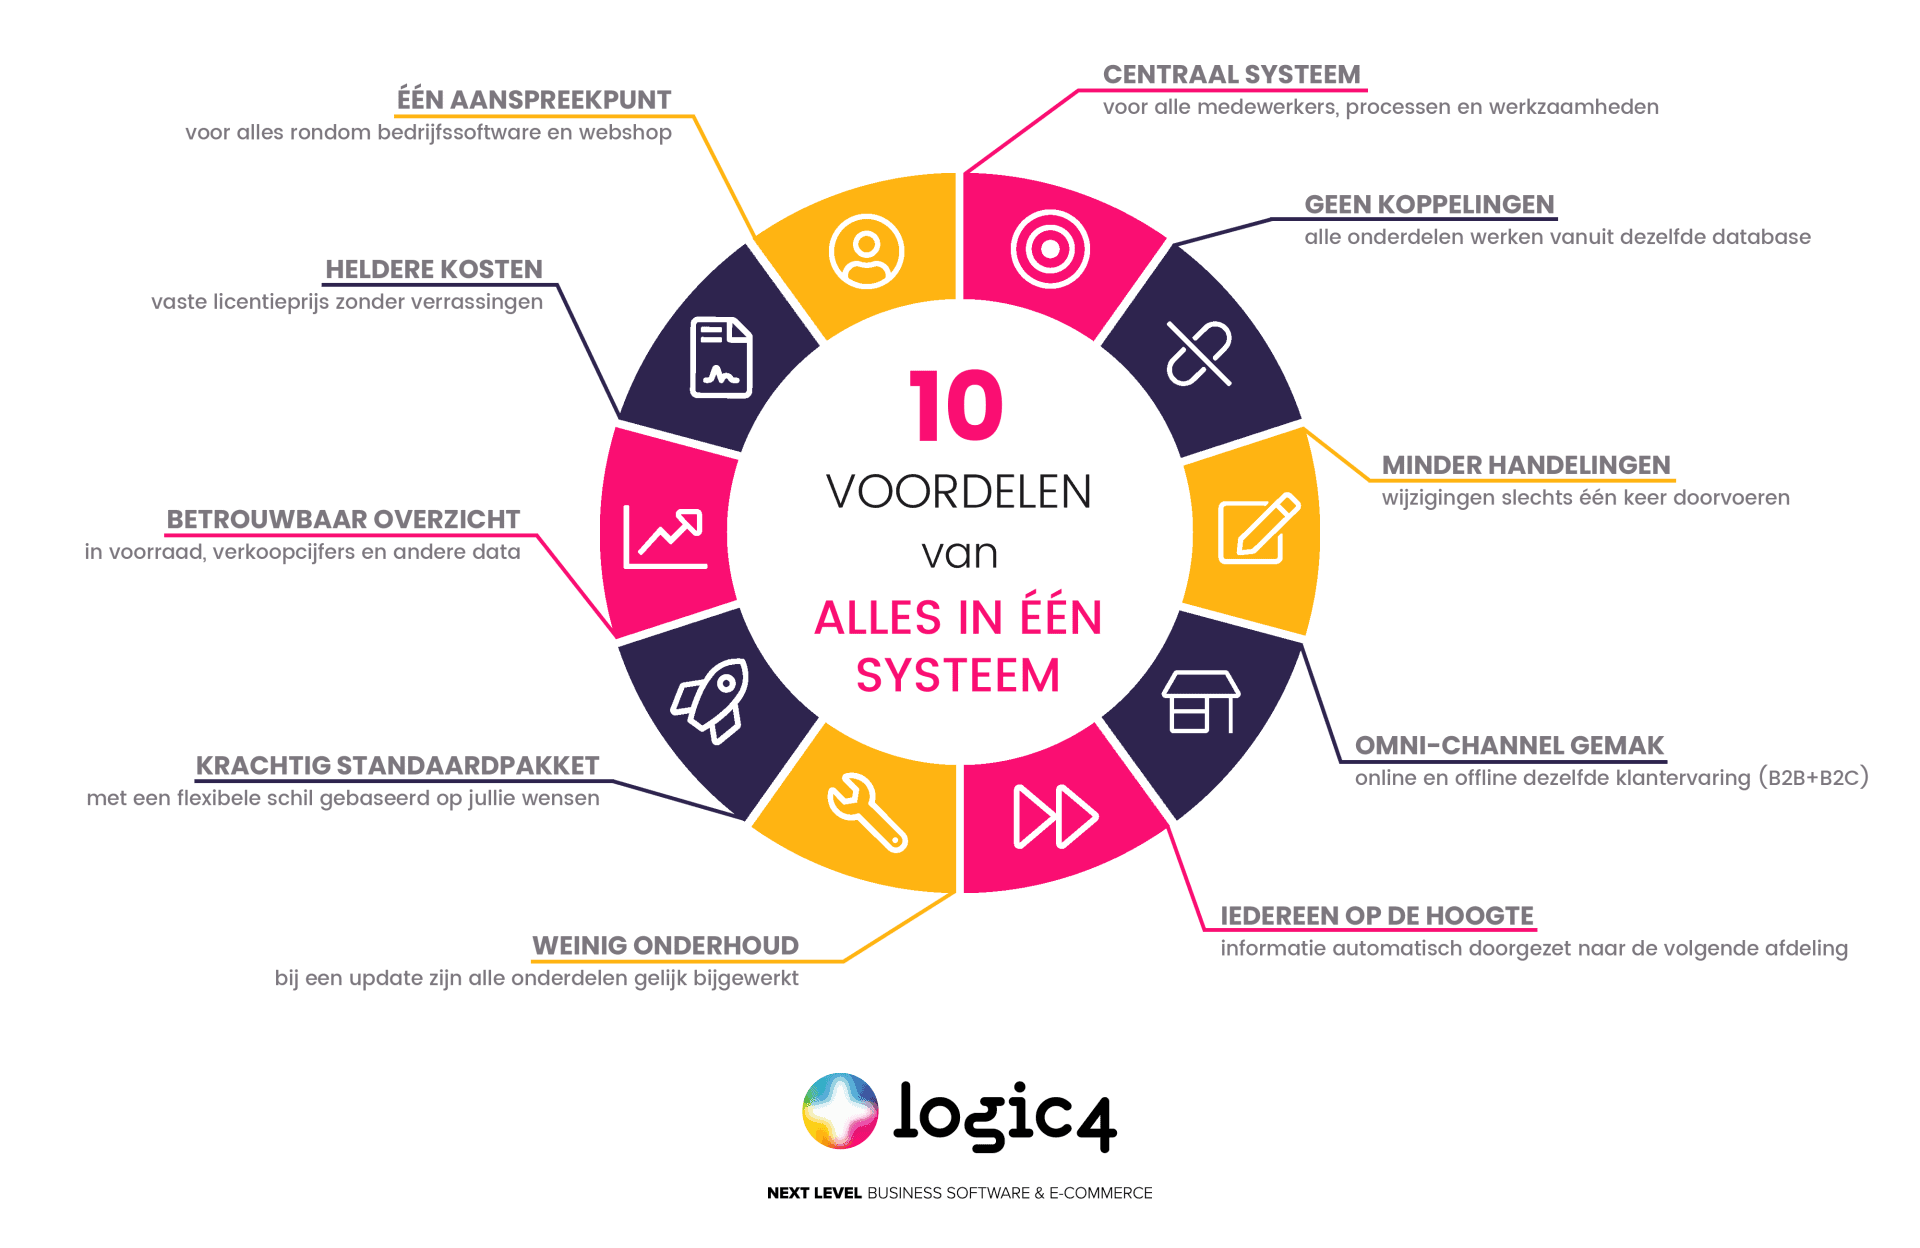 10 voordelen van alles in één systeem